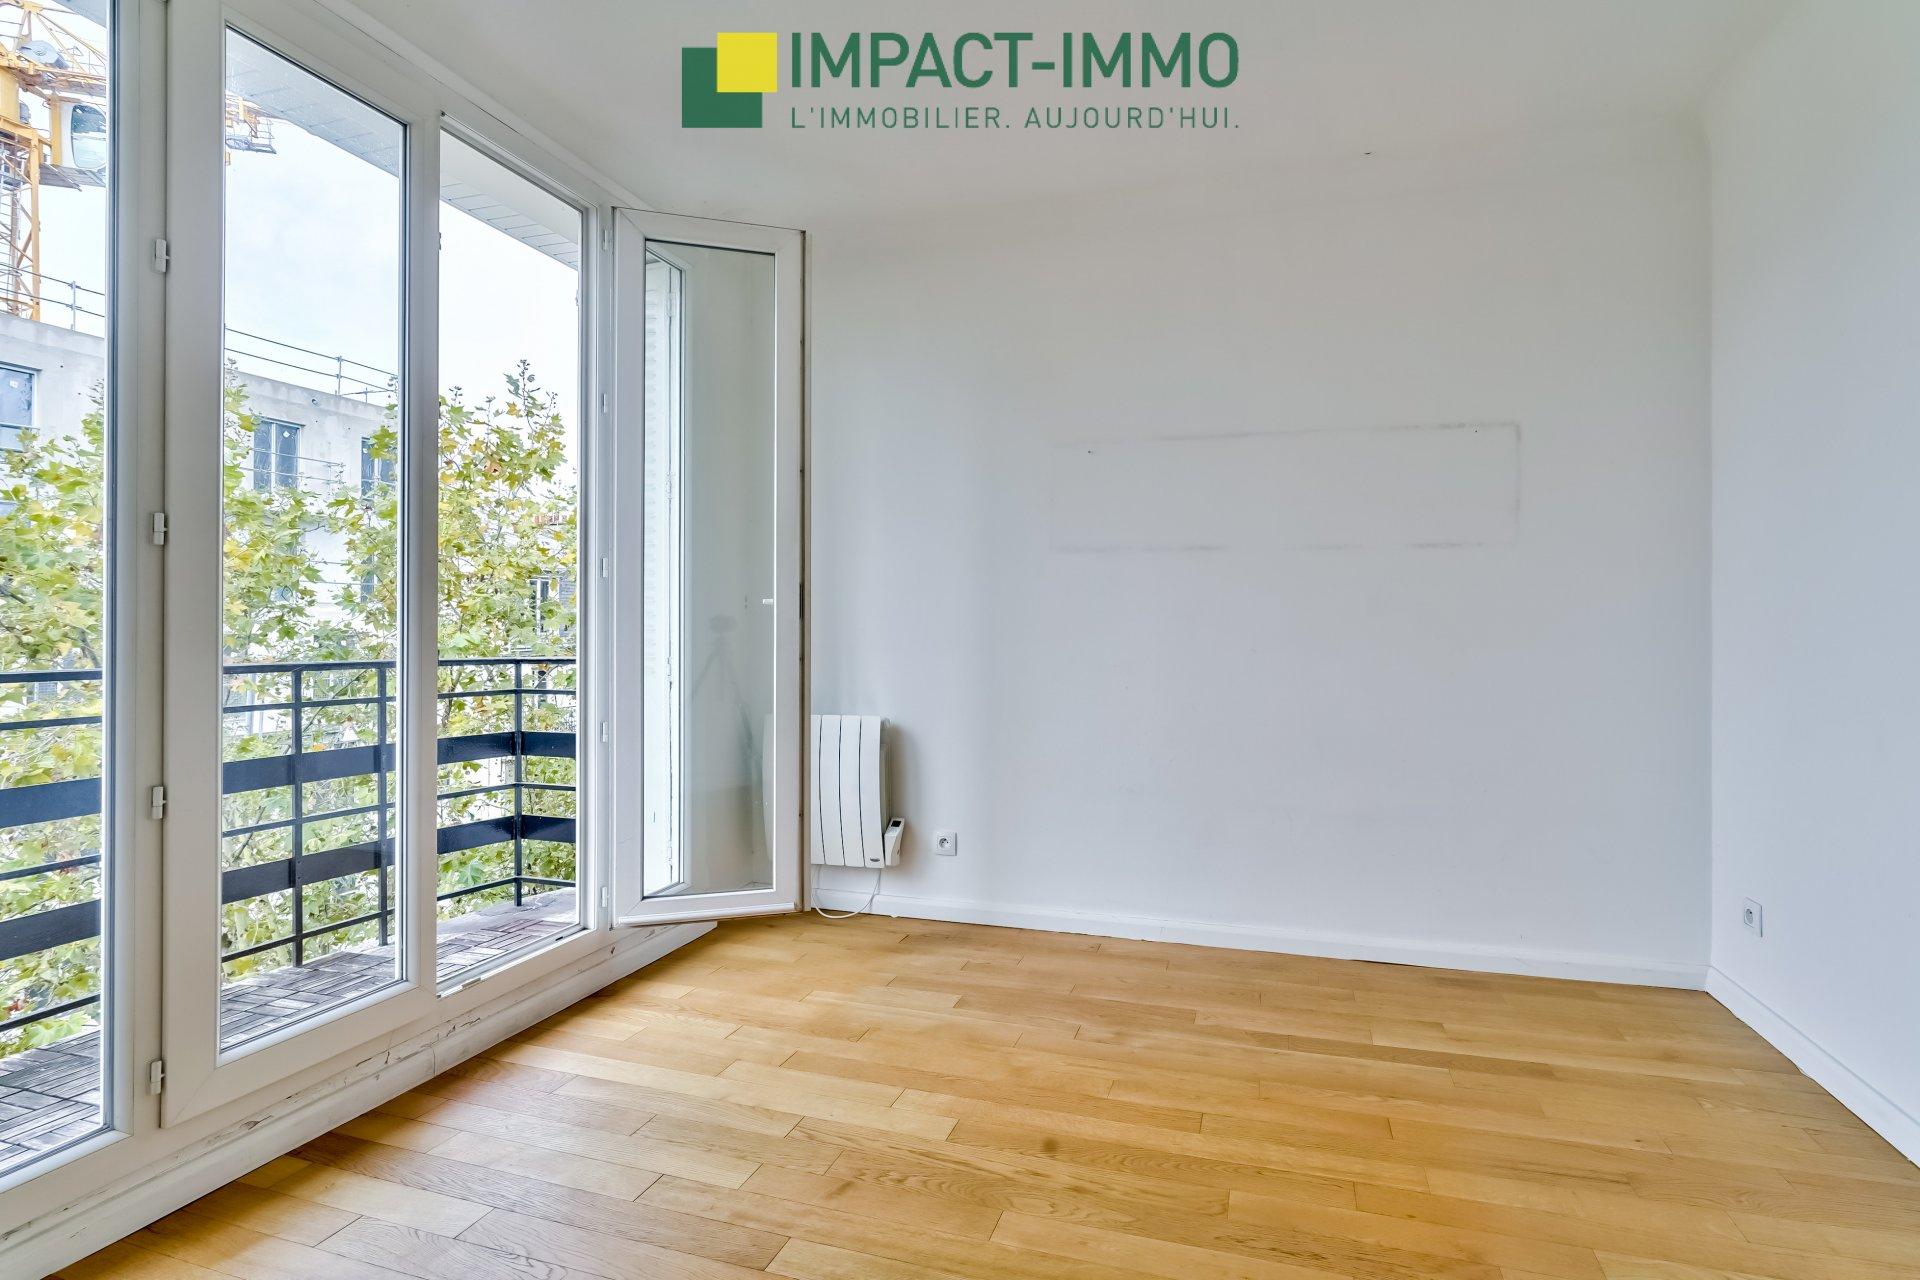 Dernier étage - Balcon